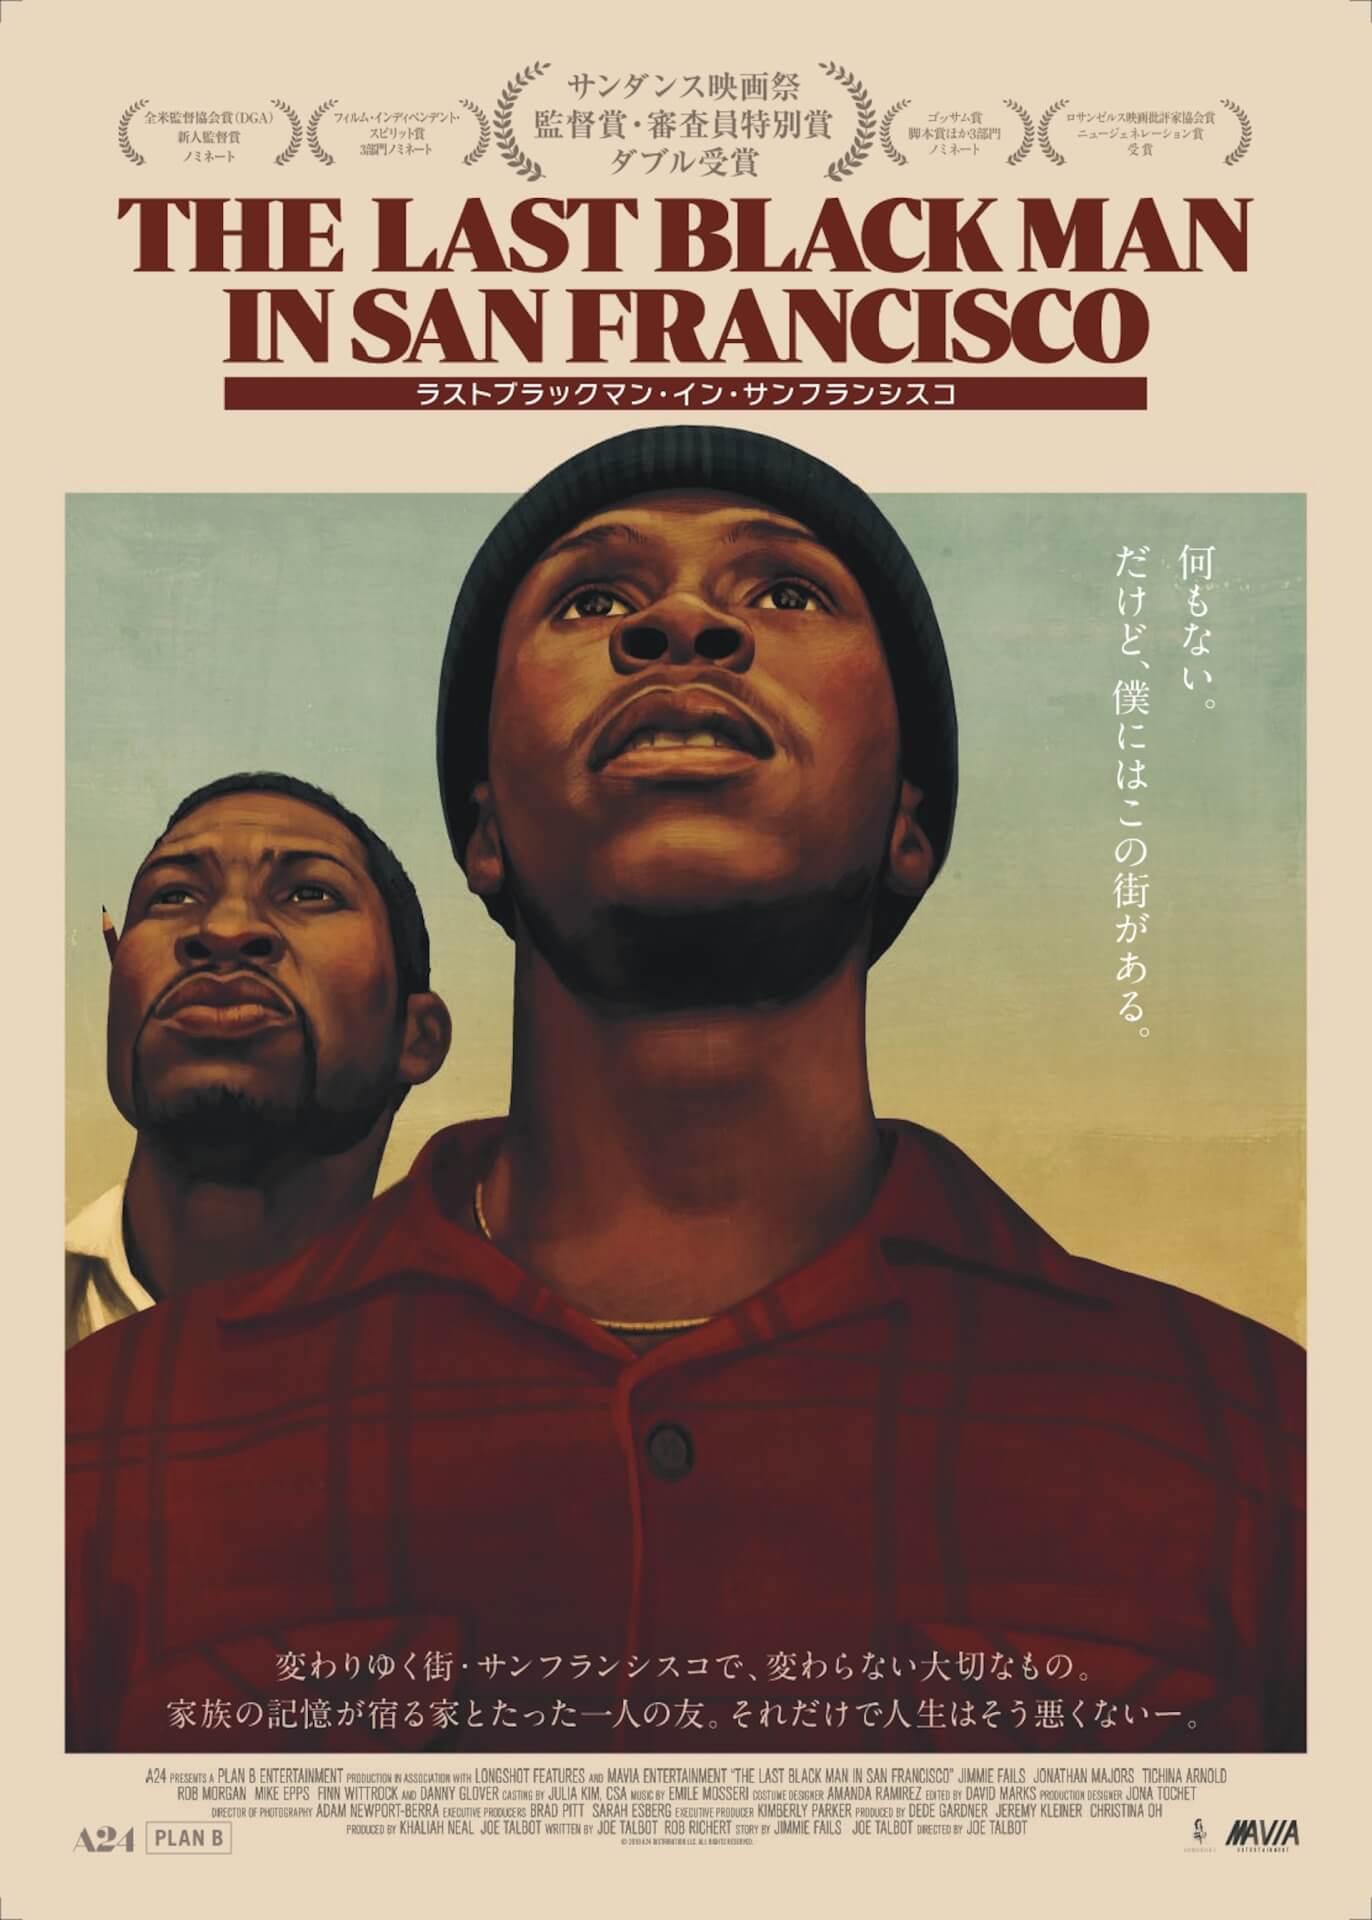 A24×プランB最新作『ラストブラックマン・イン・サンフランシスコ』出演のダニー・グローヴァー74歳の誕生日記念!新場面写真が解禁 film200722_lastblackman_2